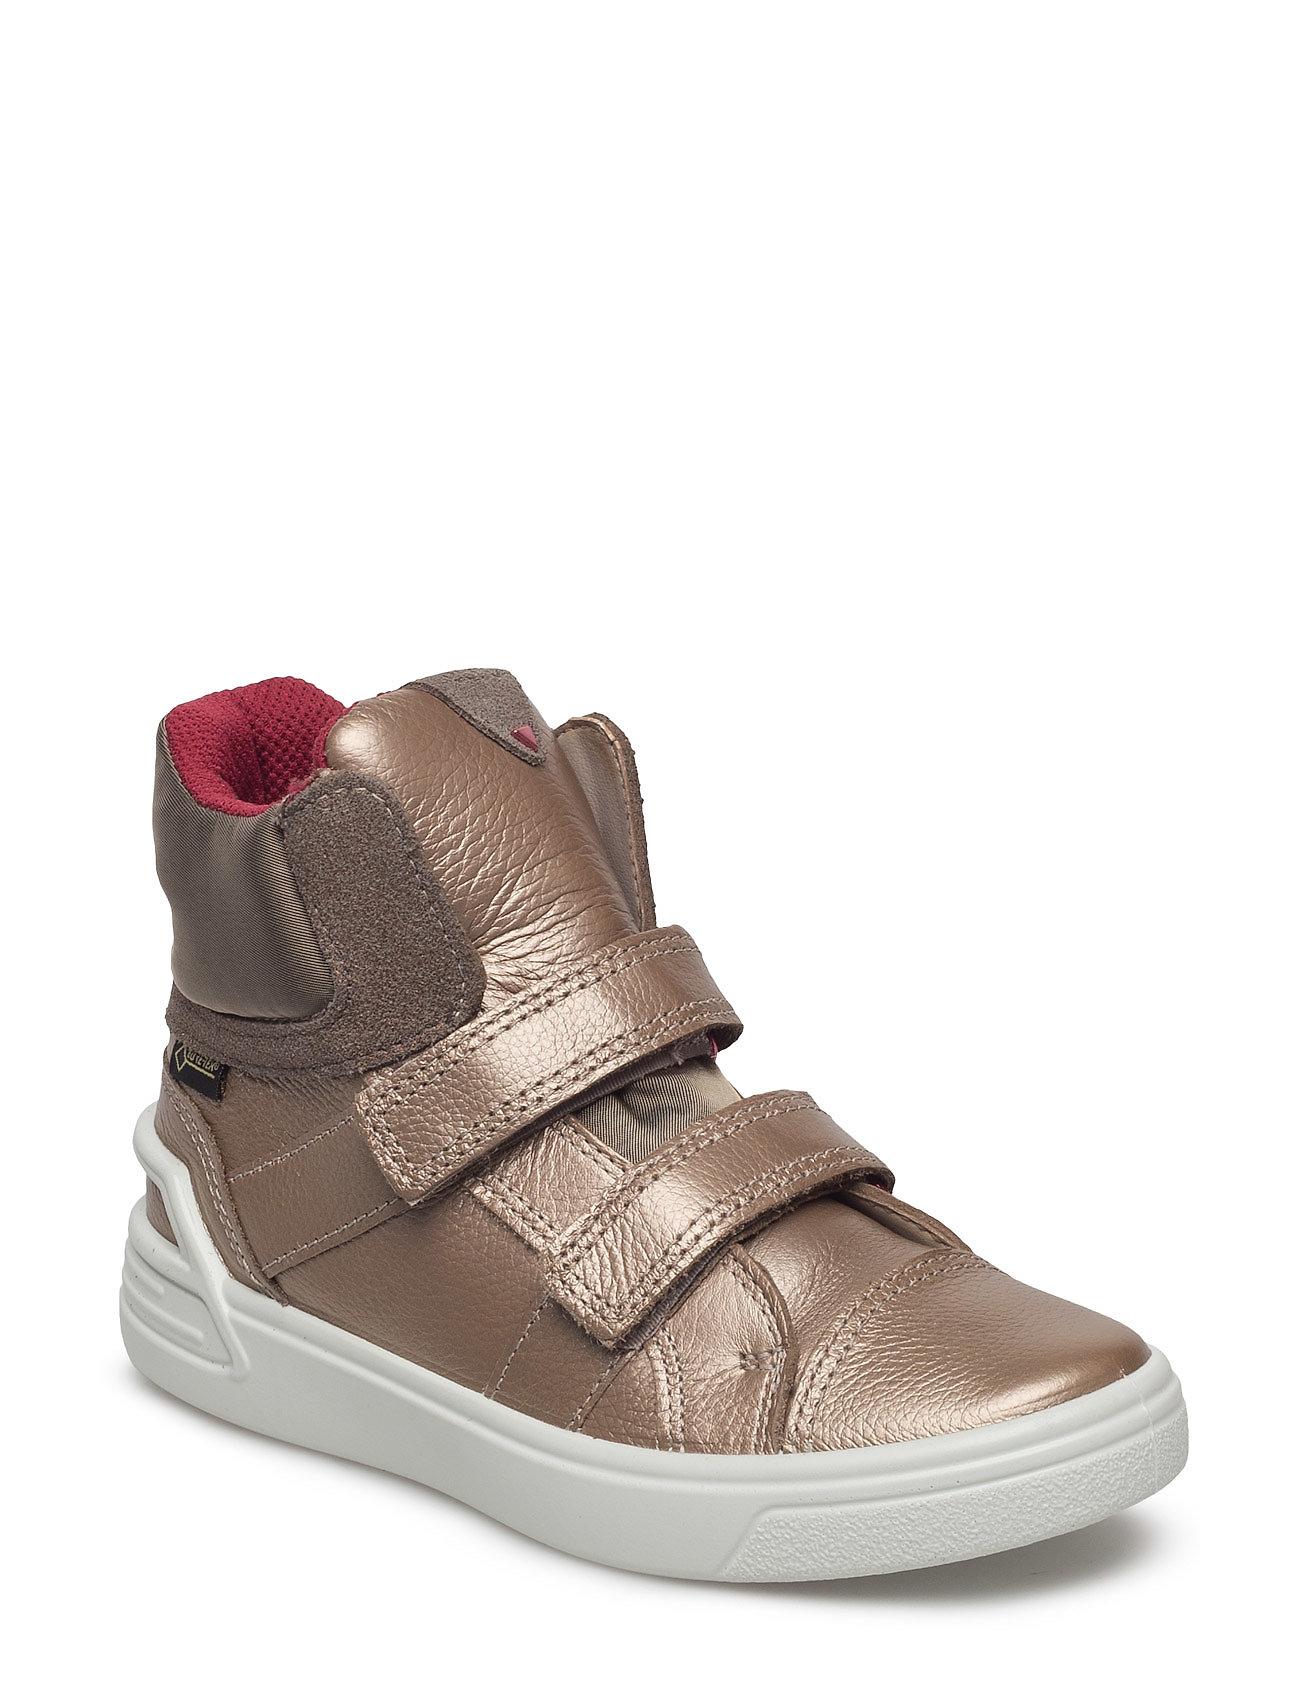 Ginnie ECCO Sko & Sneakers til Børn i